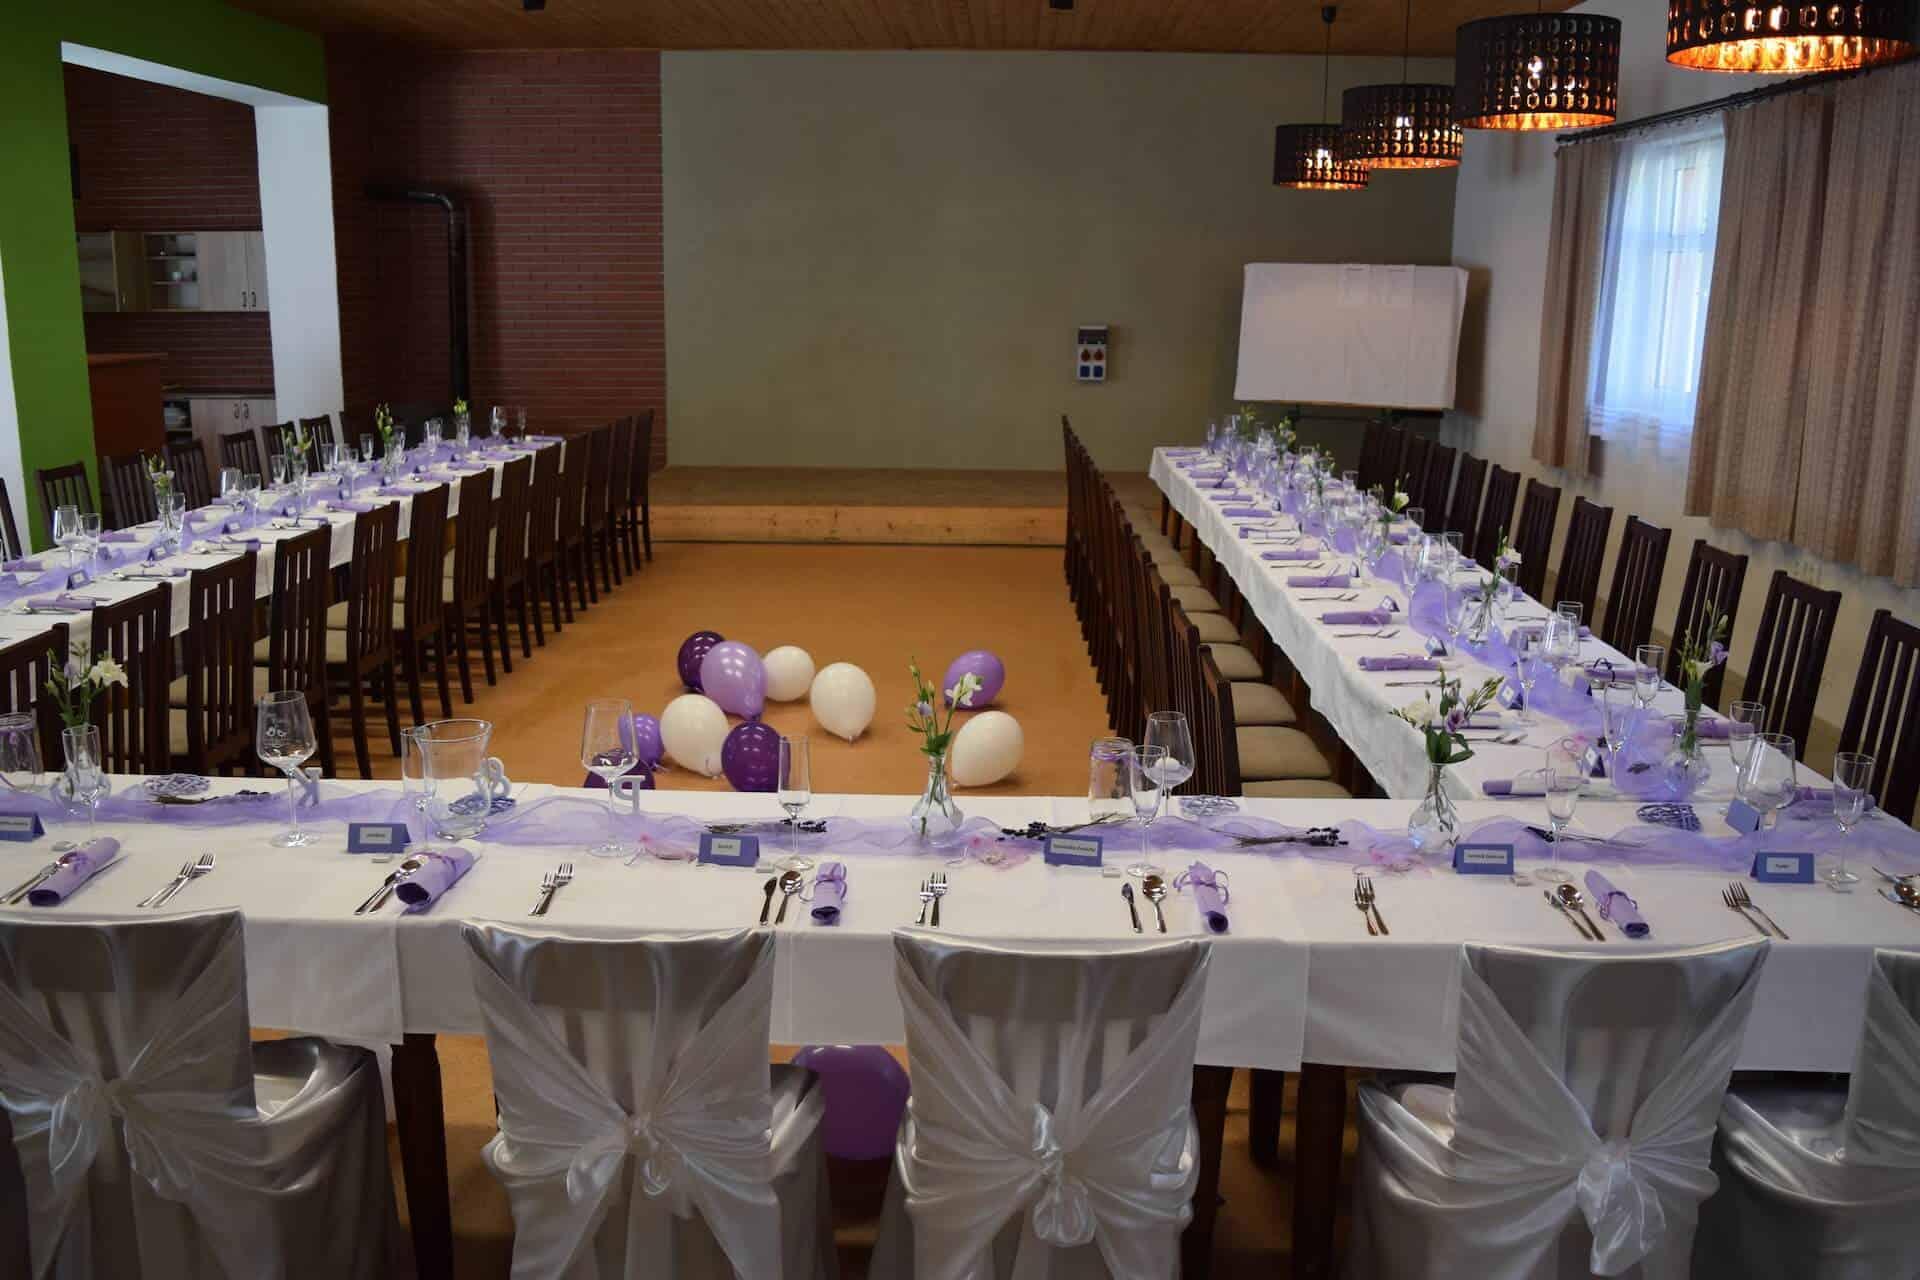 Penzion Slunečno - svatební tabule s balónky